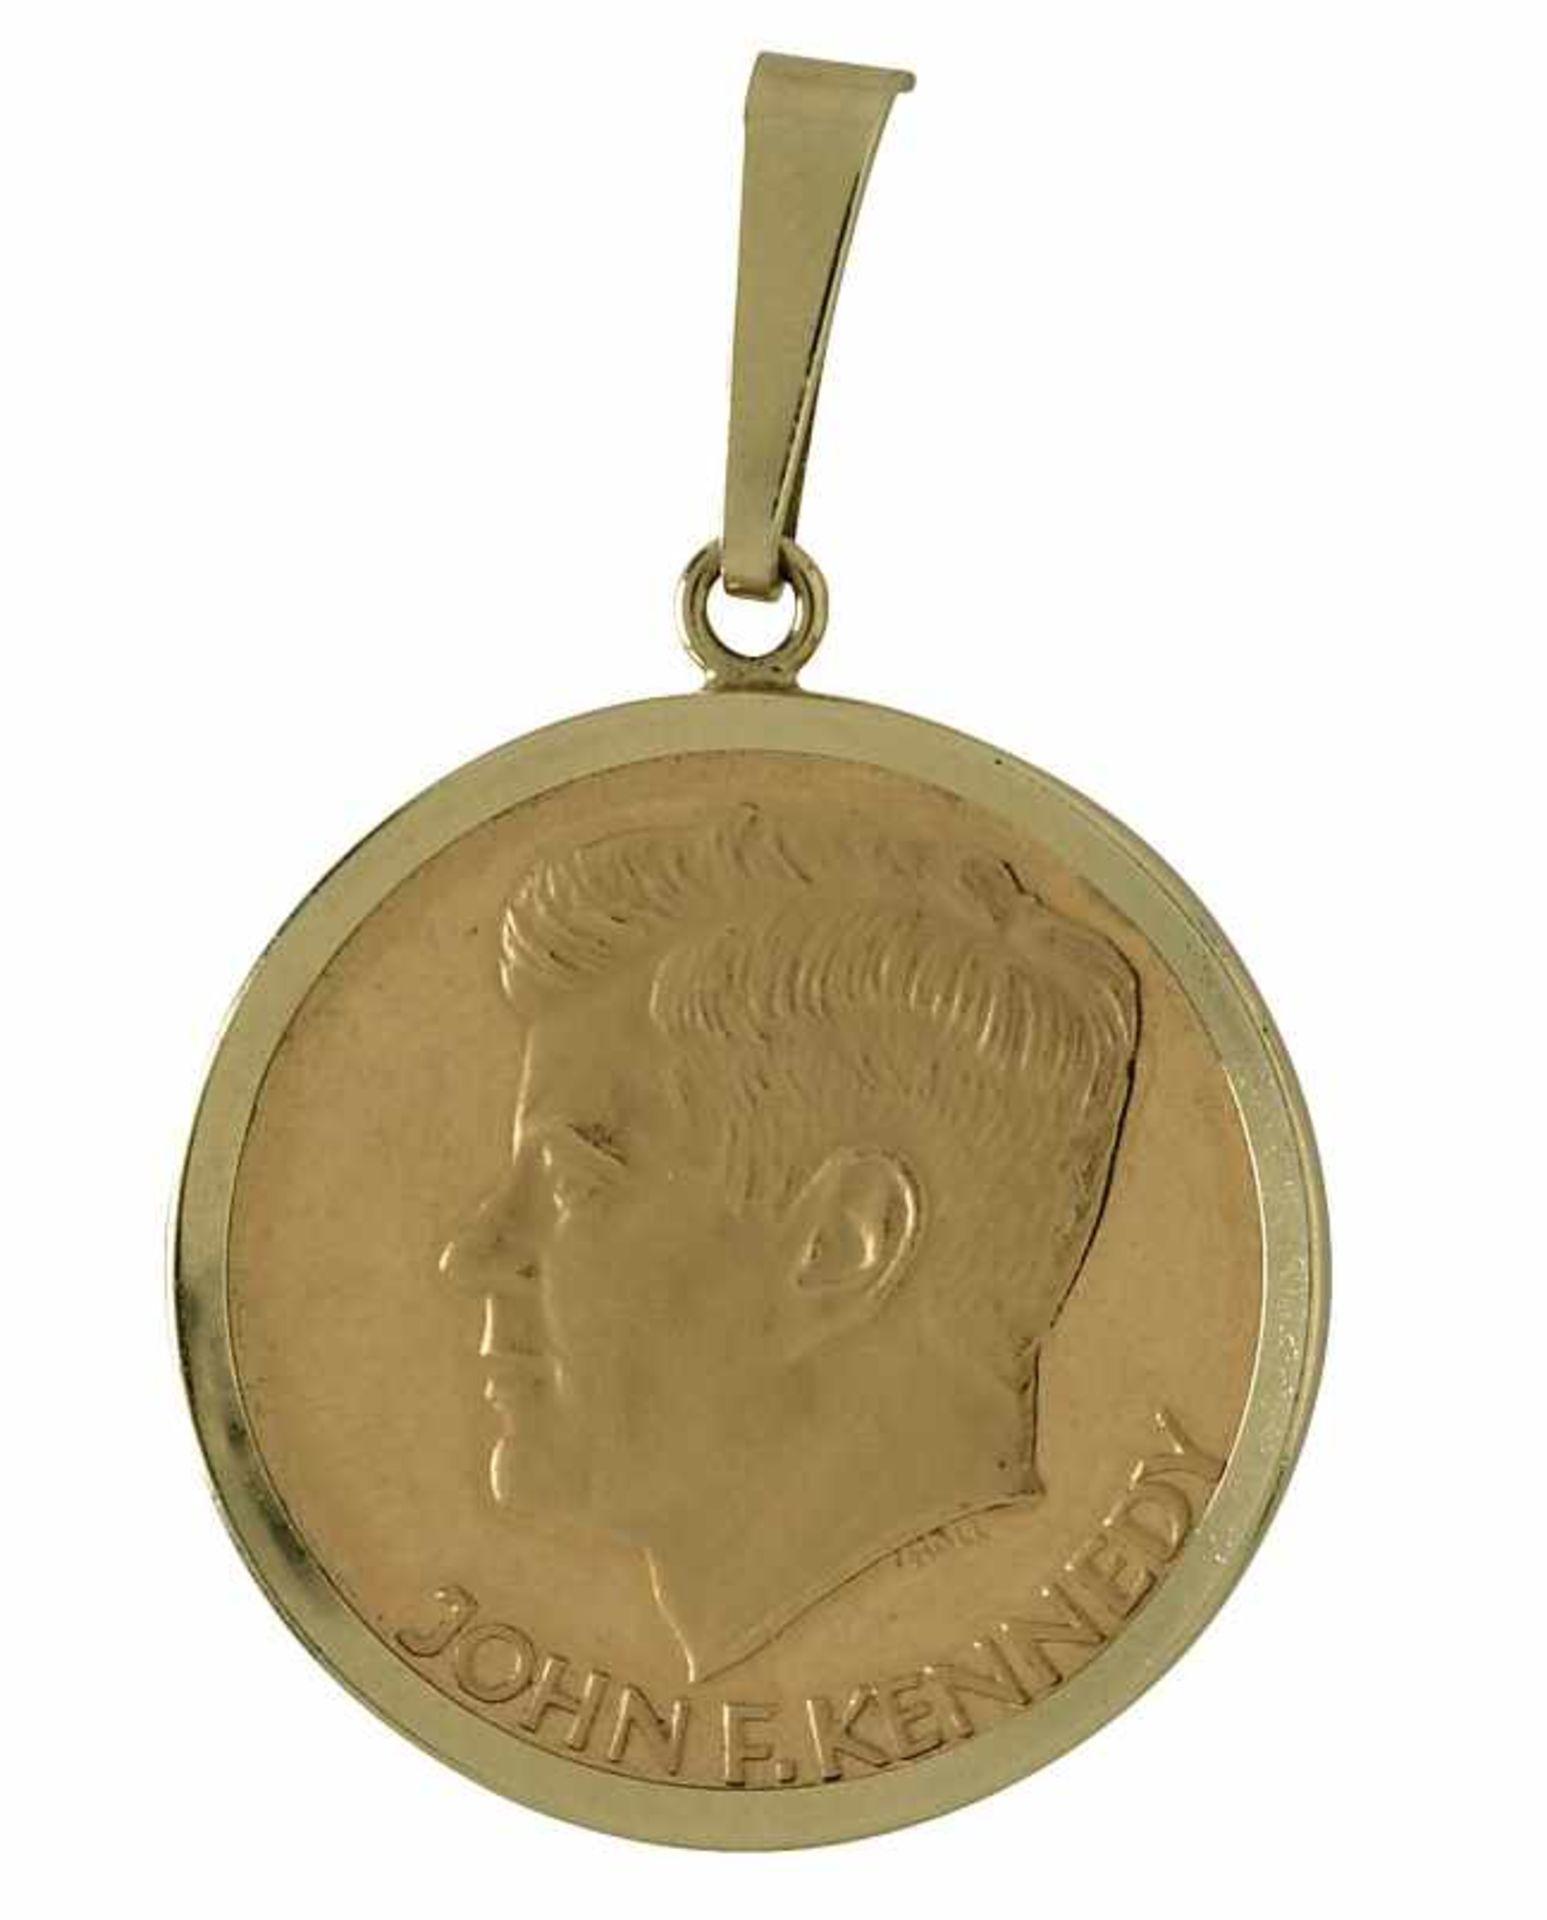 Los 31 - Münzanhänger21,6 K GG und 14 K GG, Münze und Rahmung, Marke (585). In glatter Rahmung eine John F.